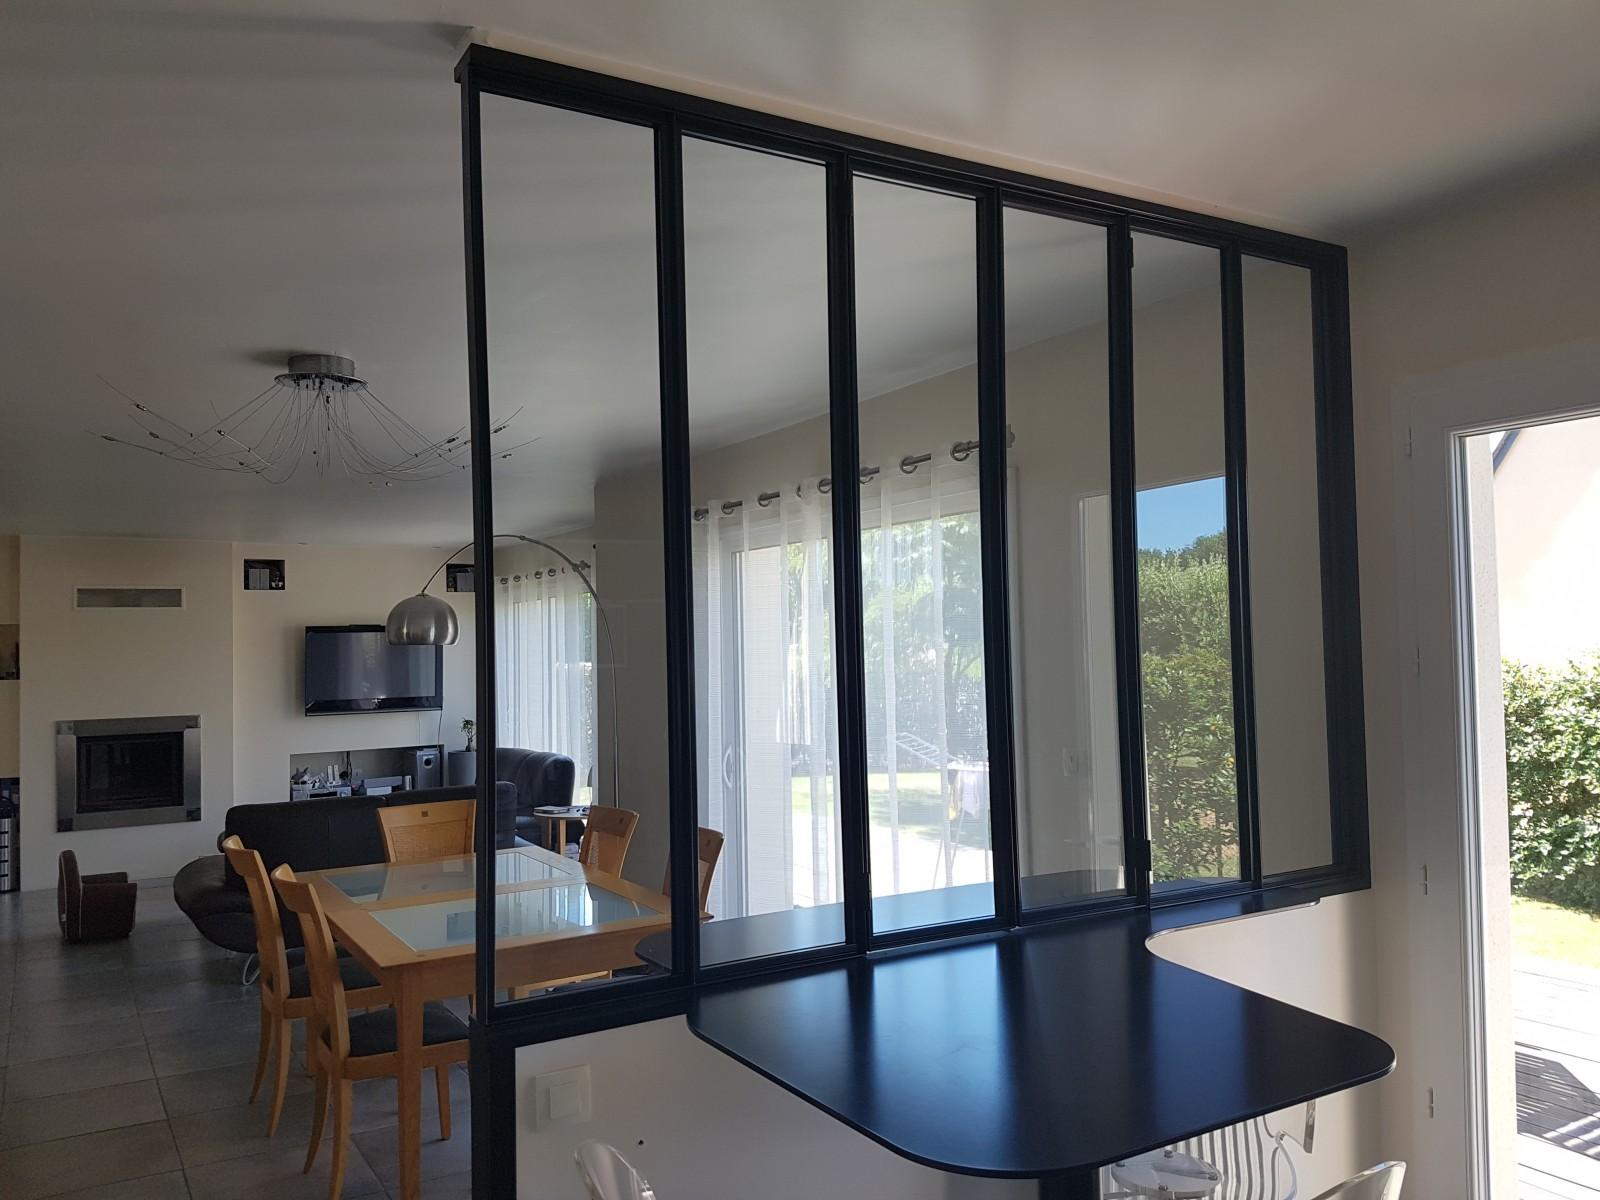 Cloison vitr e d atelier for Cloison vitree type atelier